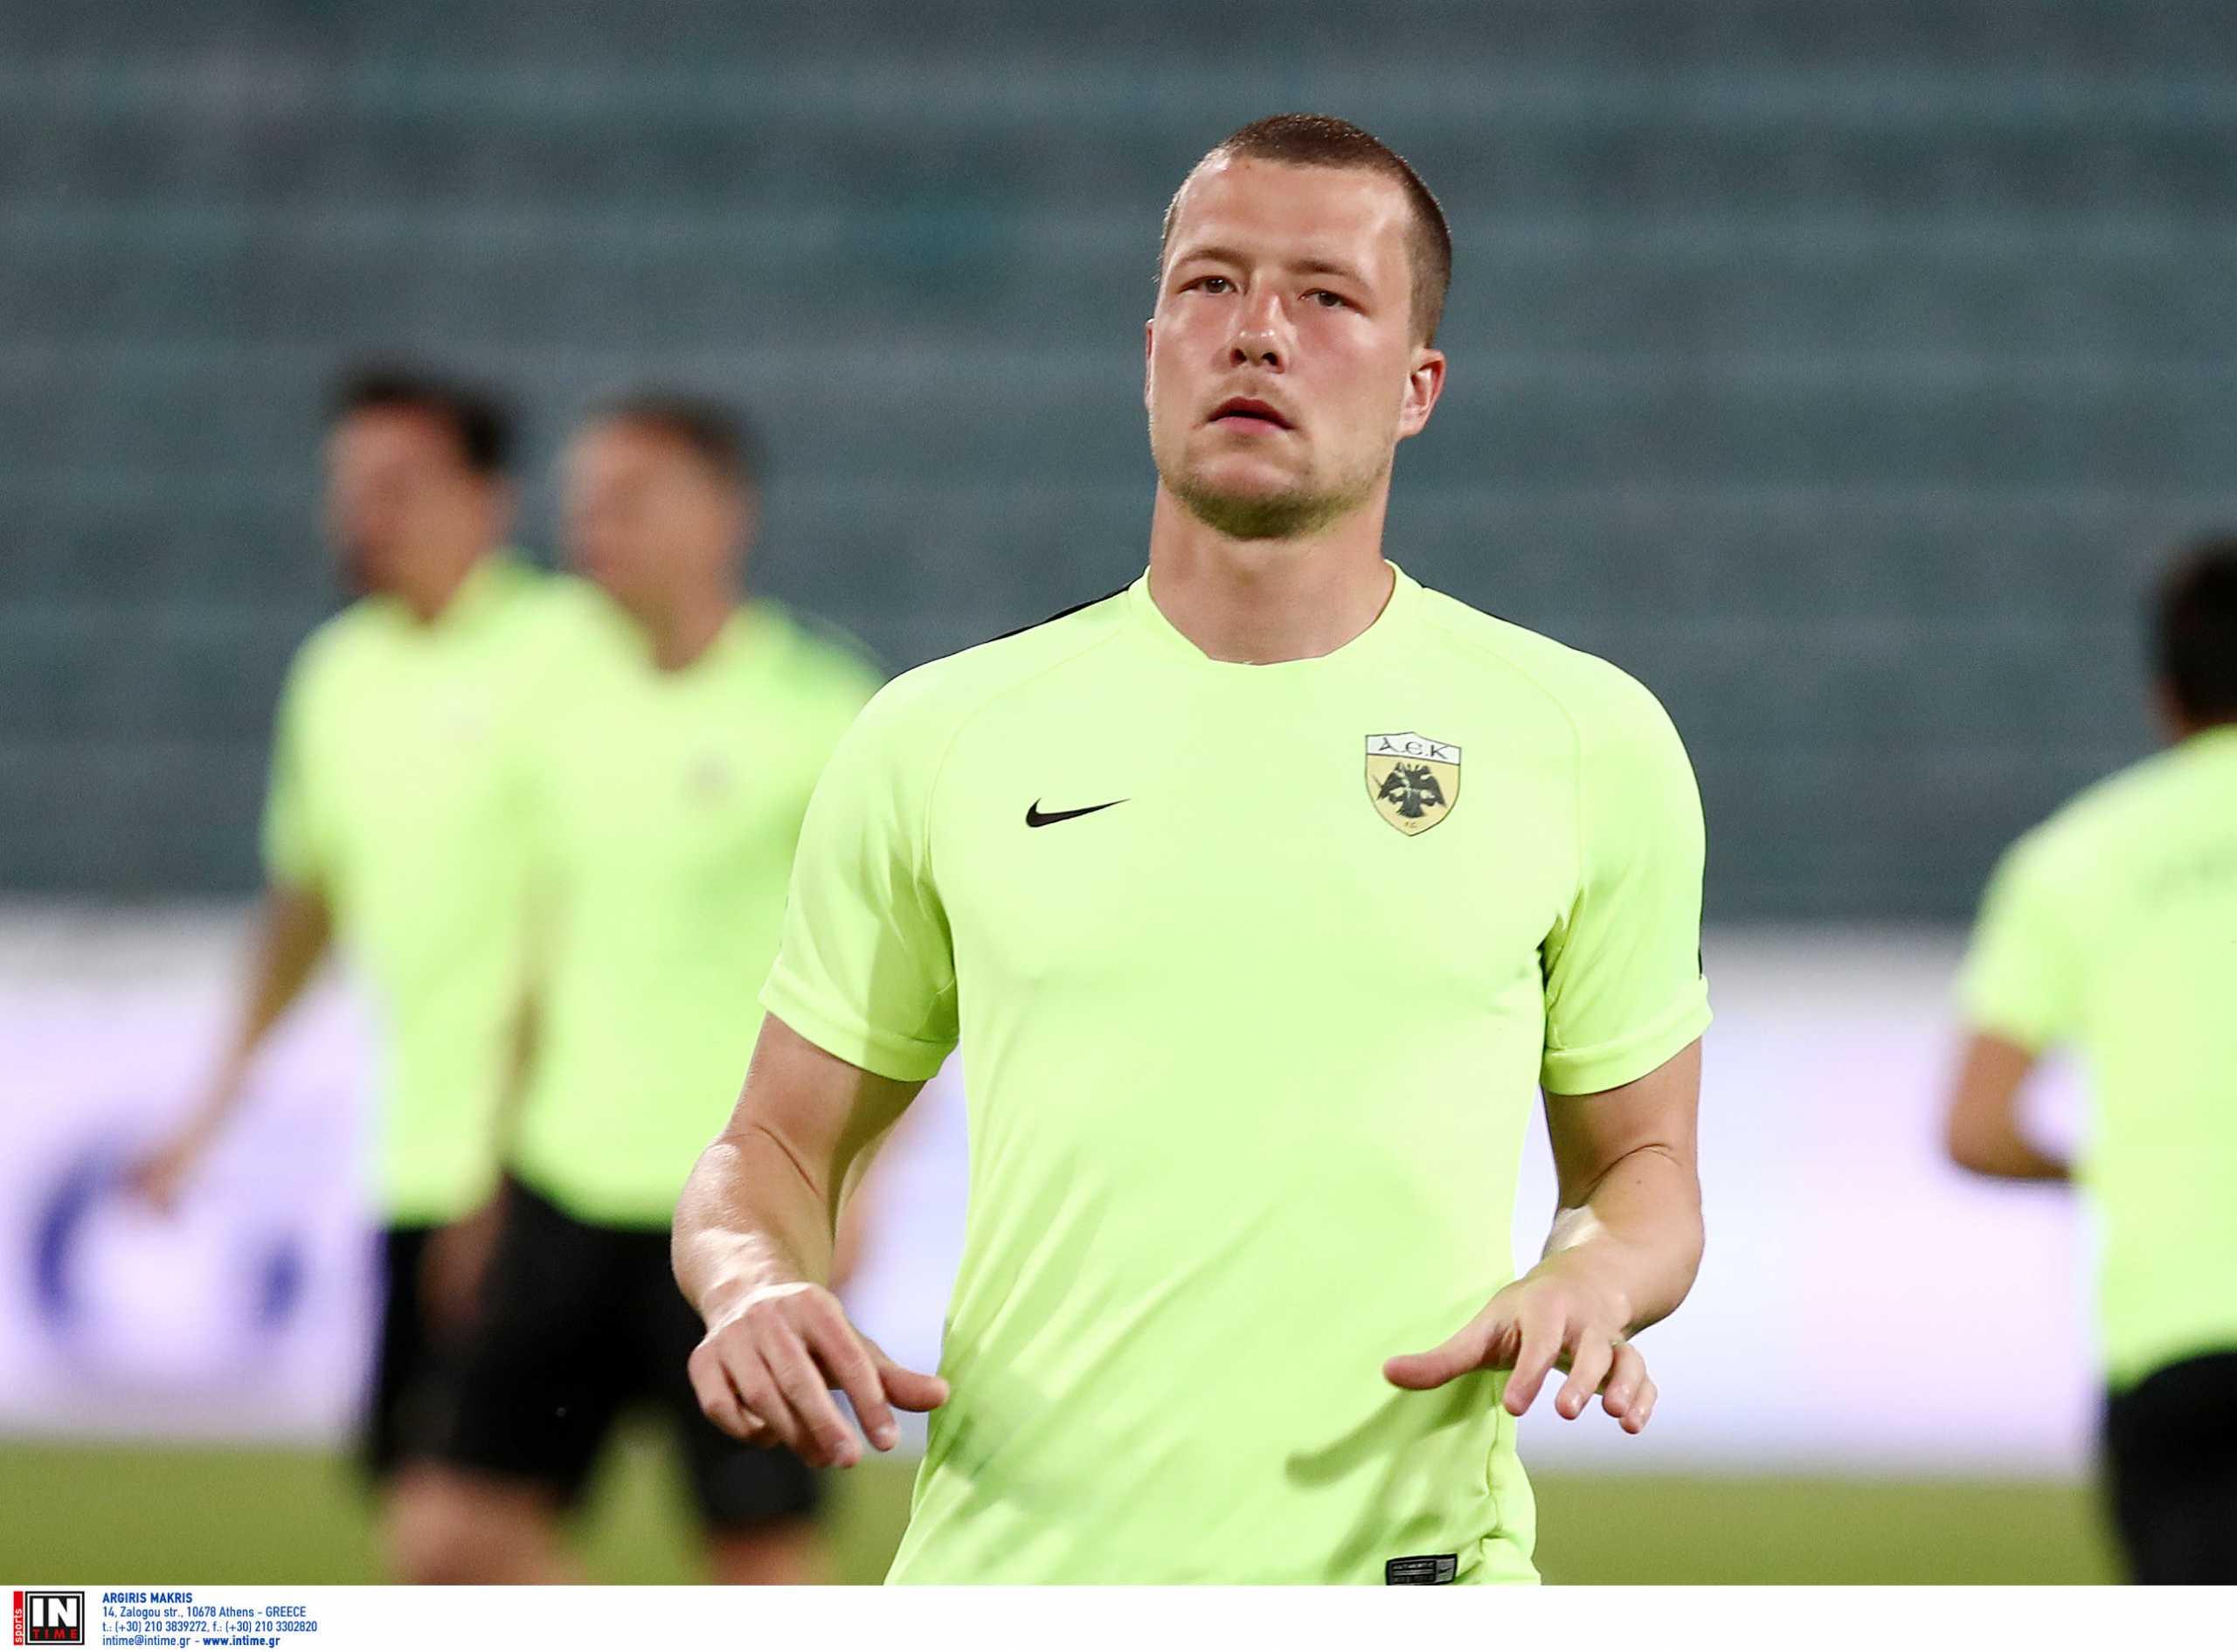 Ο πρώην άσος της ΑΕΚ Γιάκομπ Γιόχανσον αποσύρθηκε από το ποδόσφαιρο σε ηλικία 31 ετών